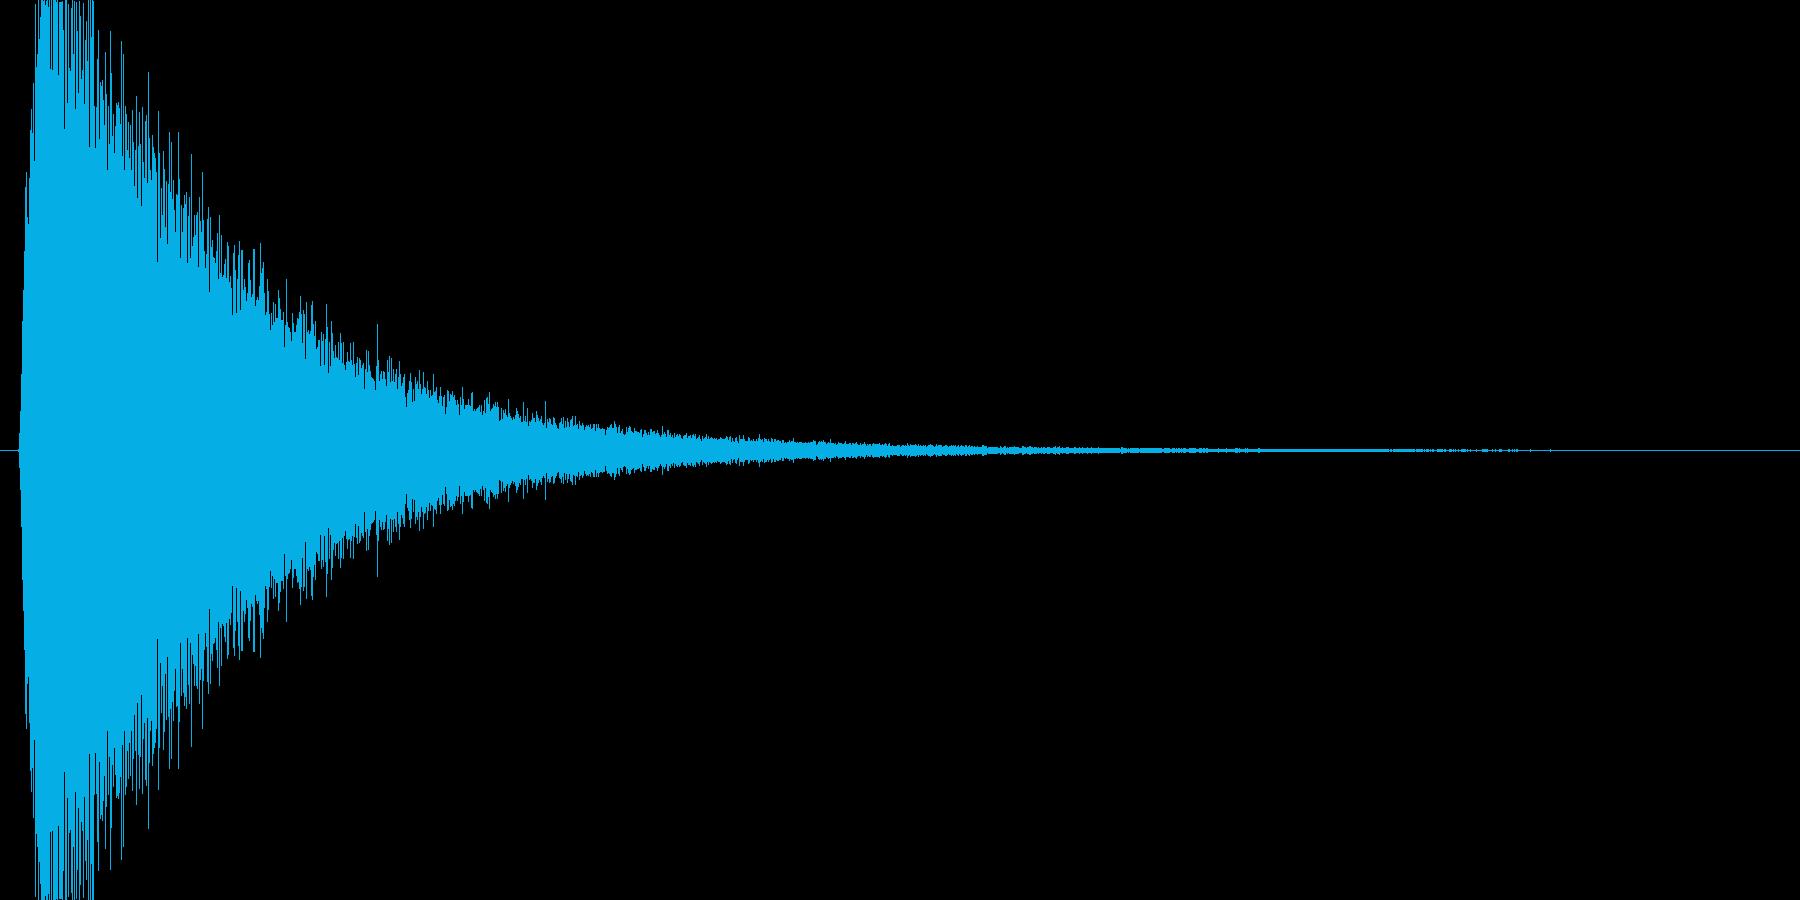 キュイーン(魔法詠唱、チャージ、溜める)の再生済みの波形